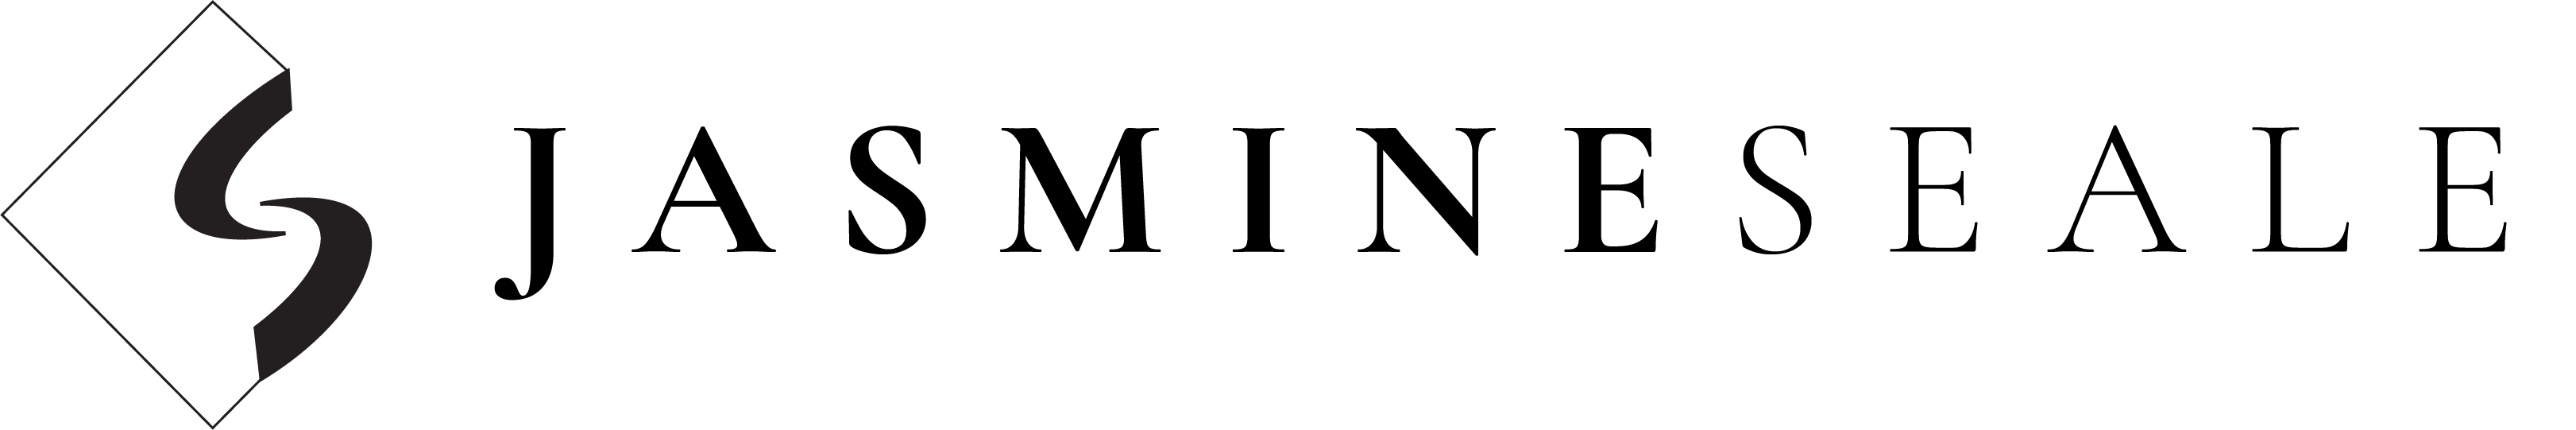 JS – Secondary – Black – Big